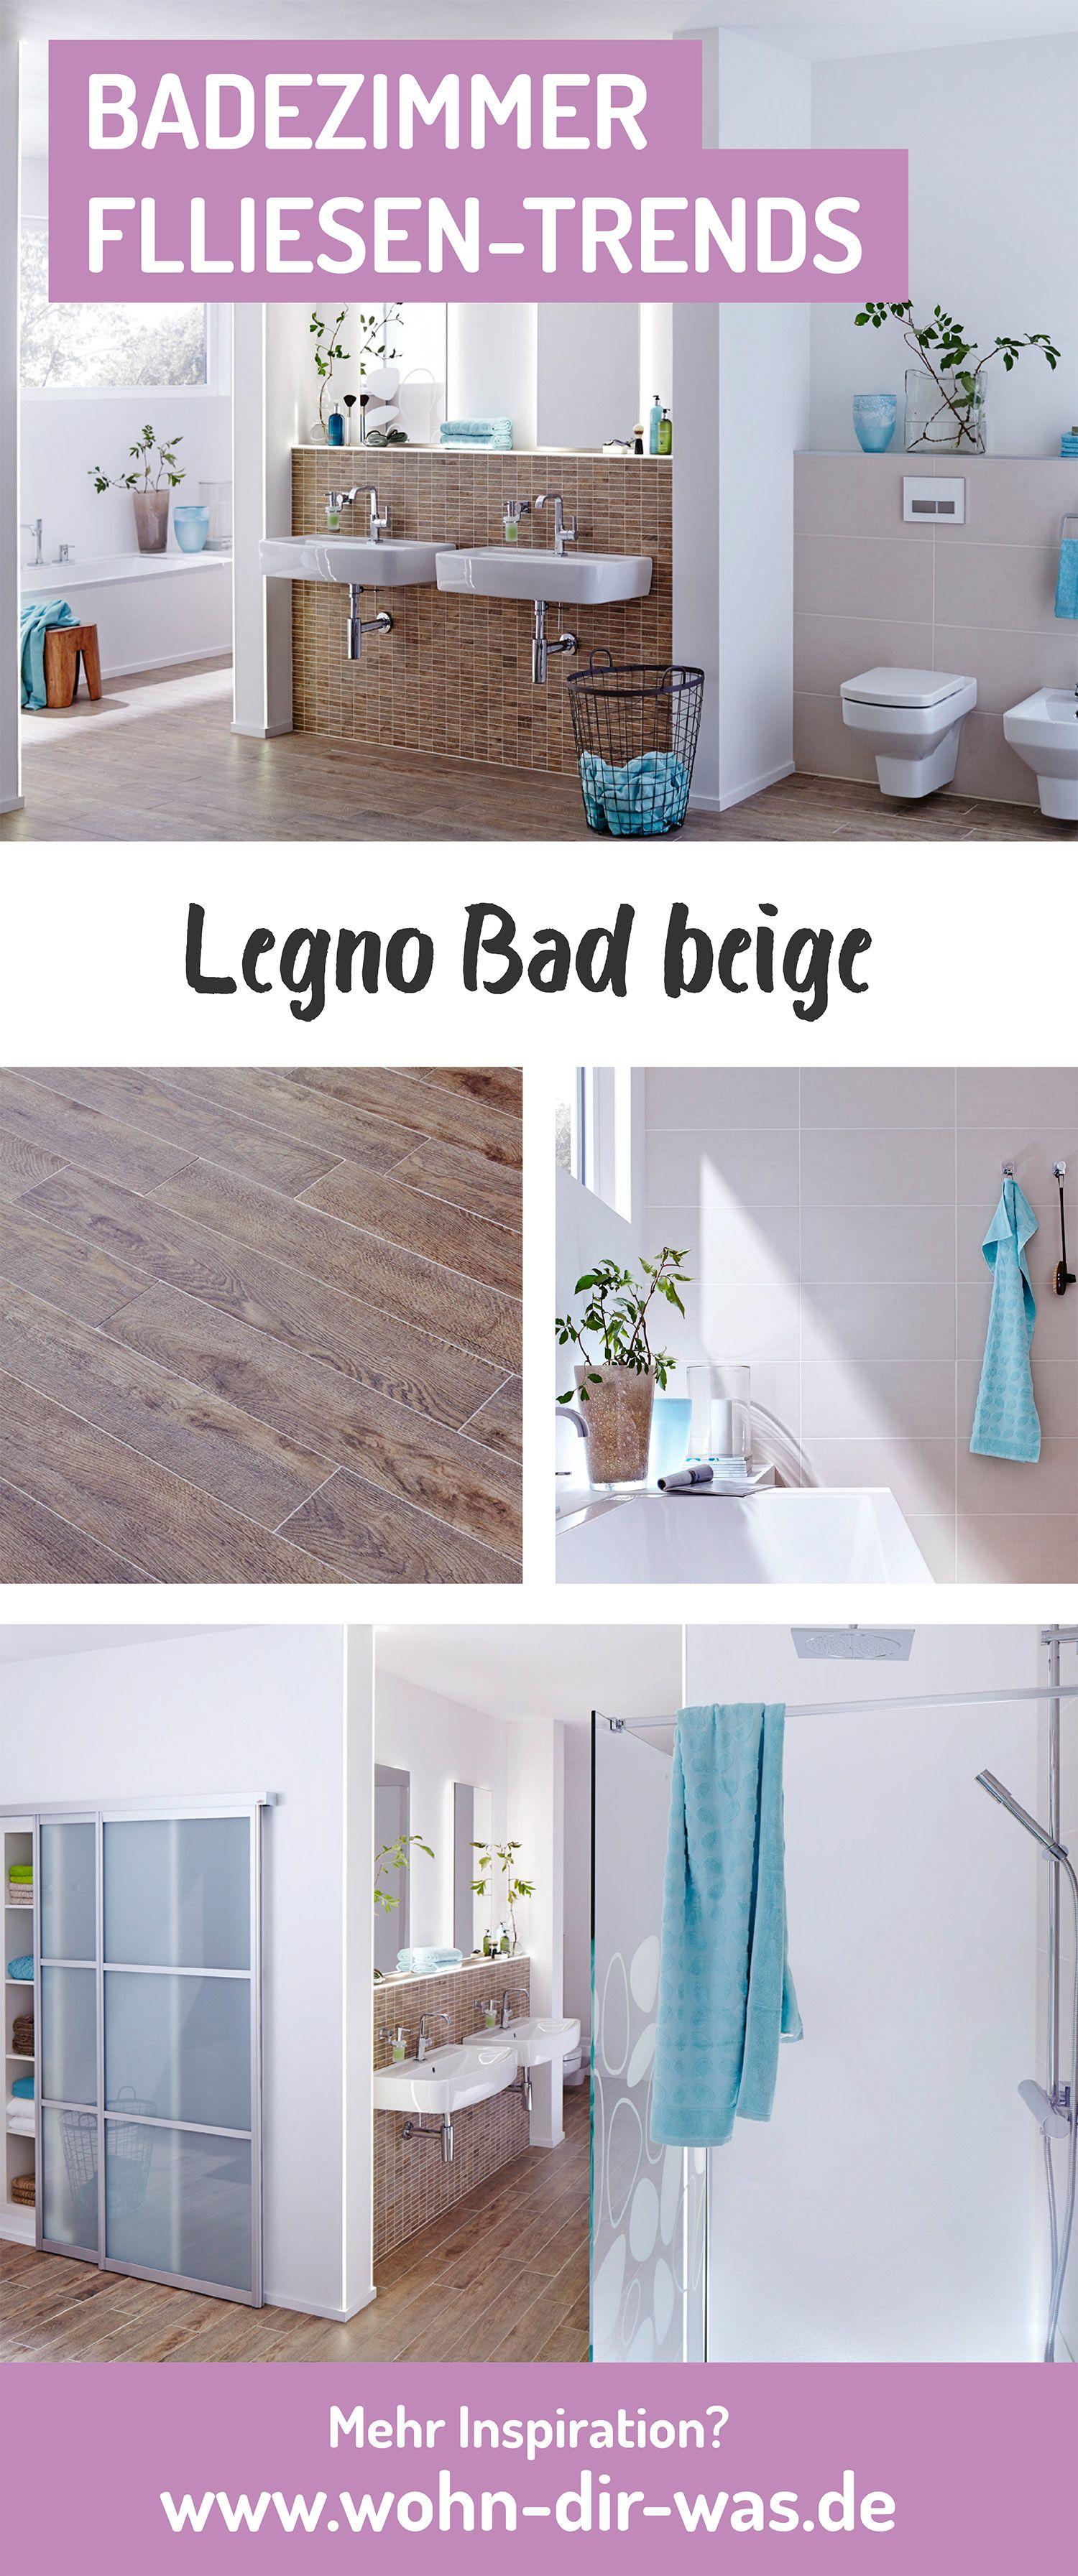 Badezimmer Richtig Planen Mit Unterstutzung Von Wohn Dir Was Badezimmer Fliesen Bad Und Wohnen